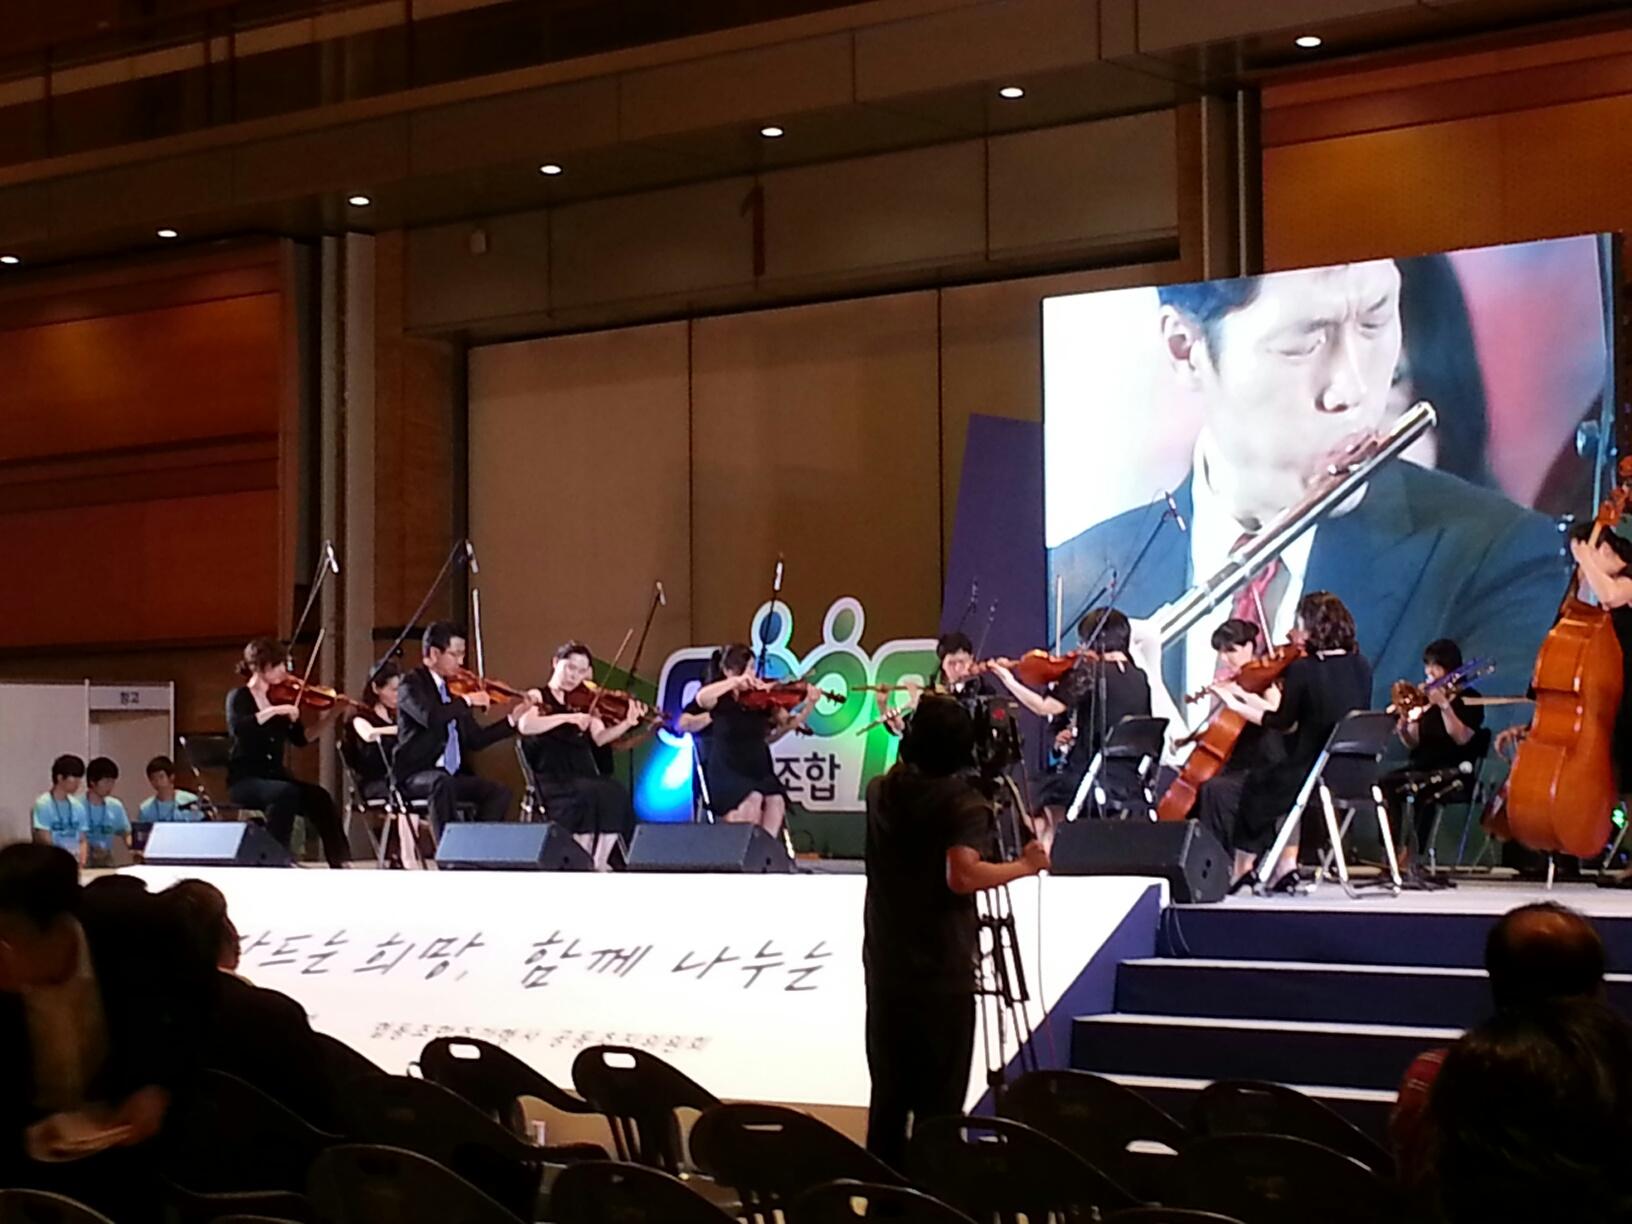 제1회 협동조합의 날 기념식 및 박람회 참관 후기